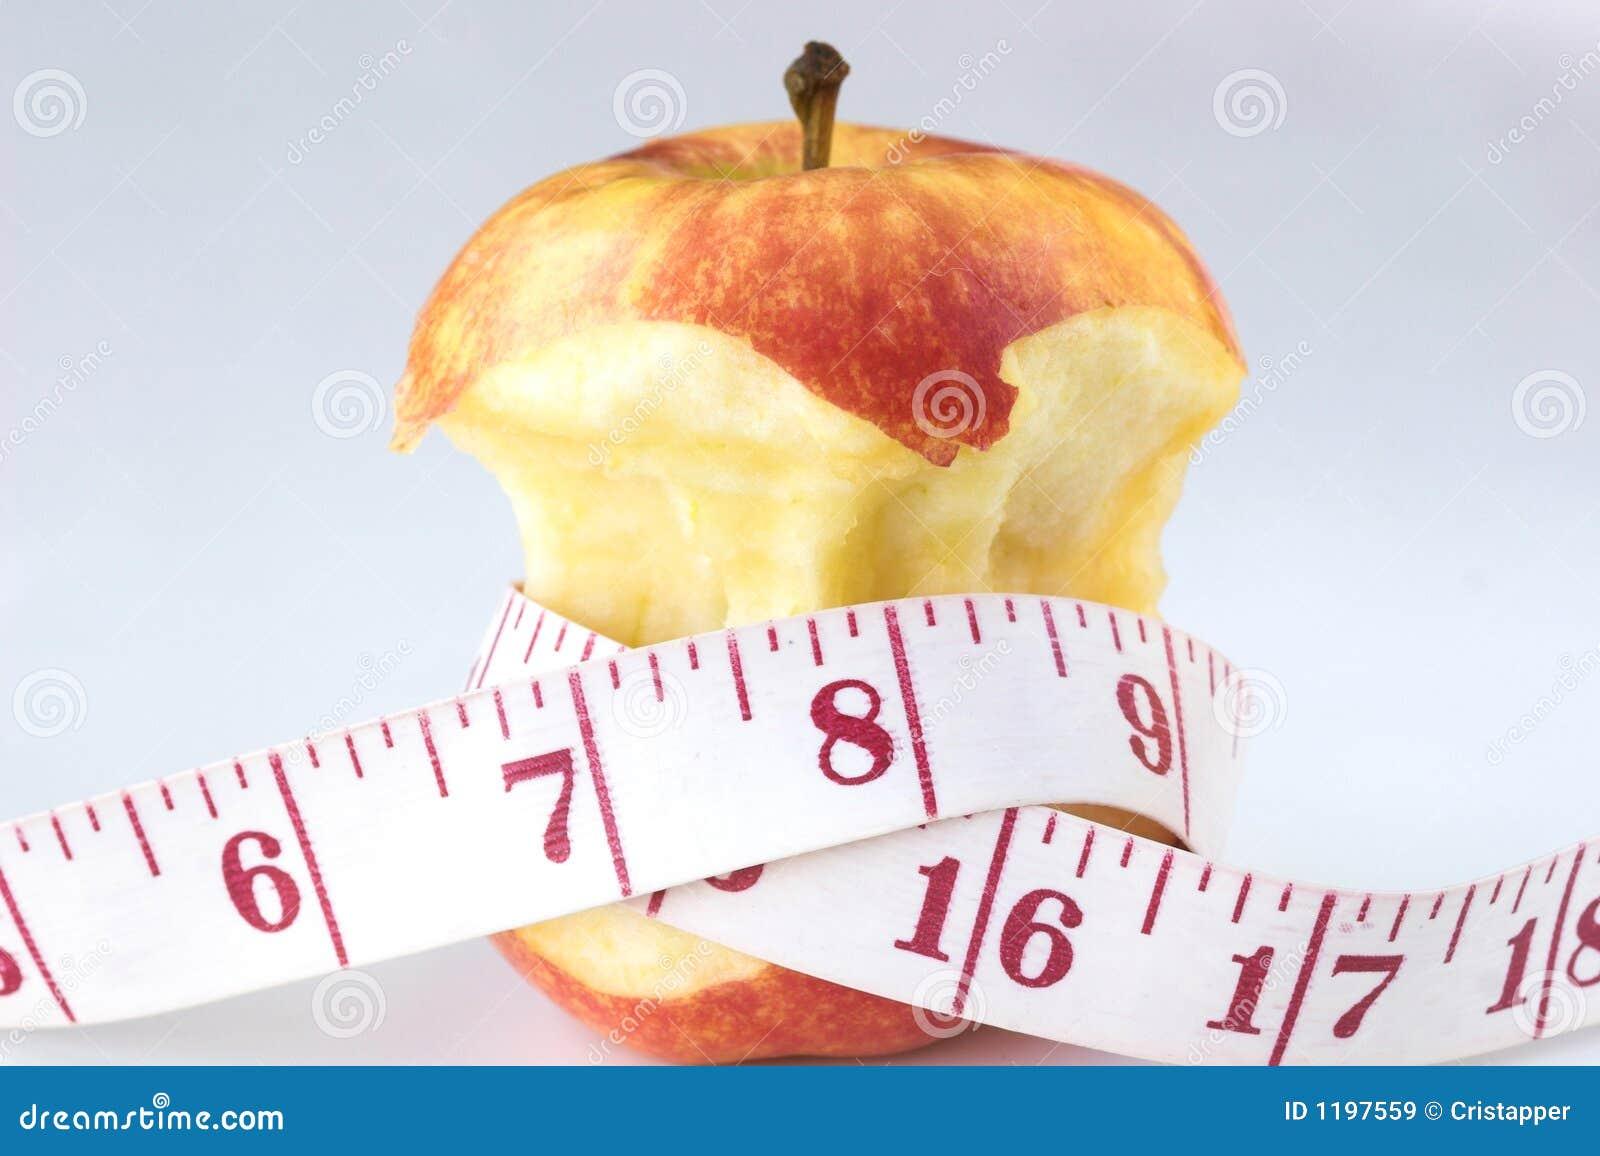 лента измерения яблока